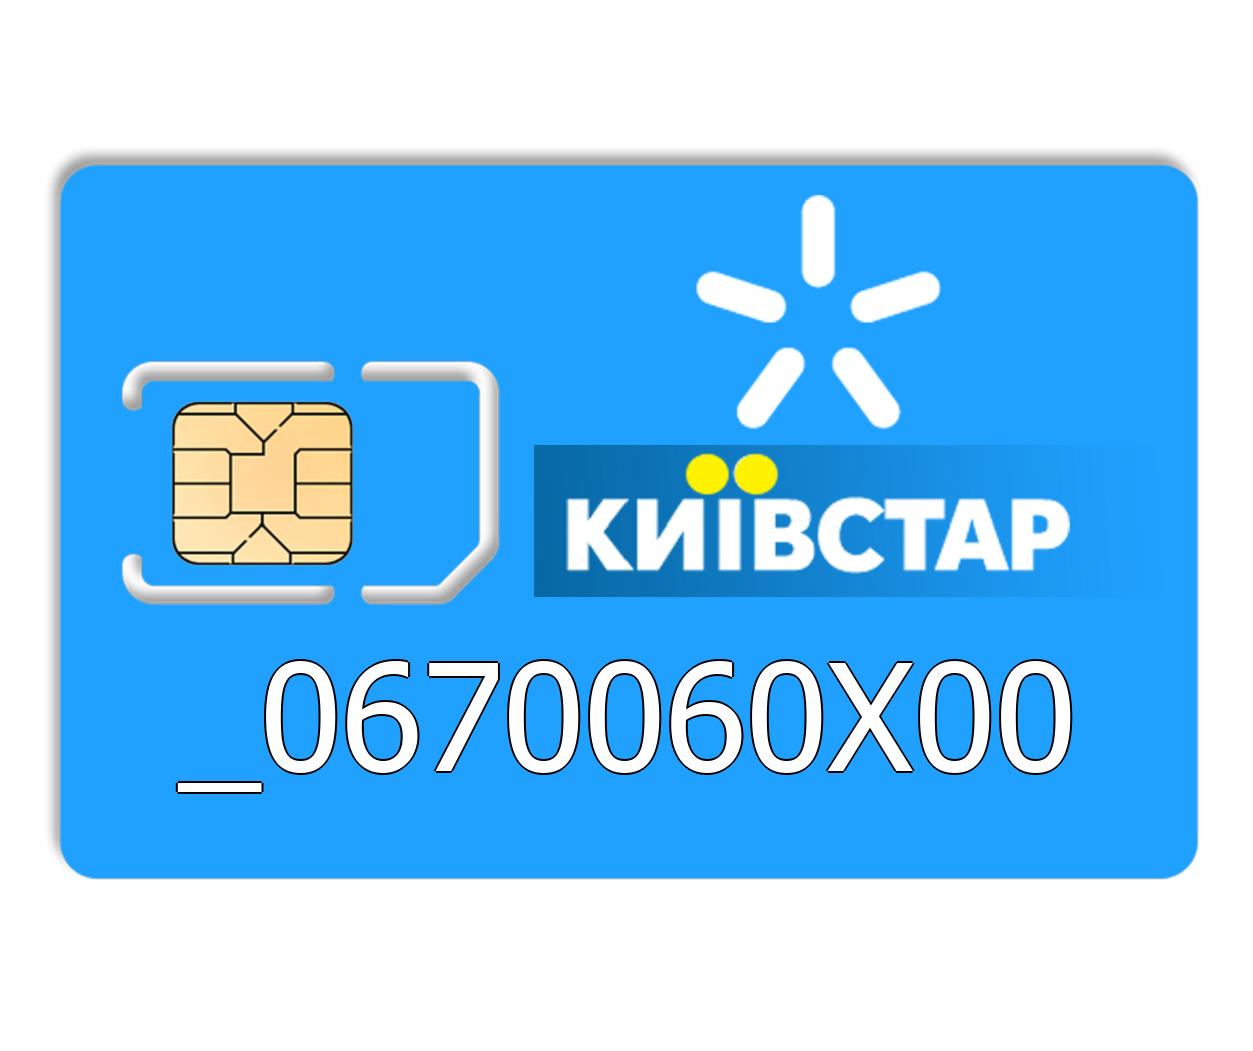 Красивый номер Киевстар 0670060X00